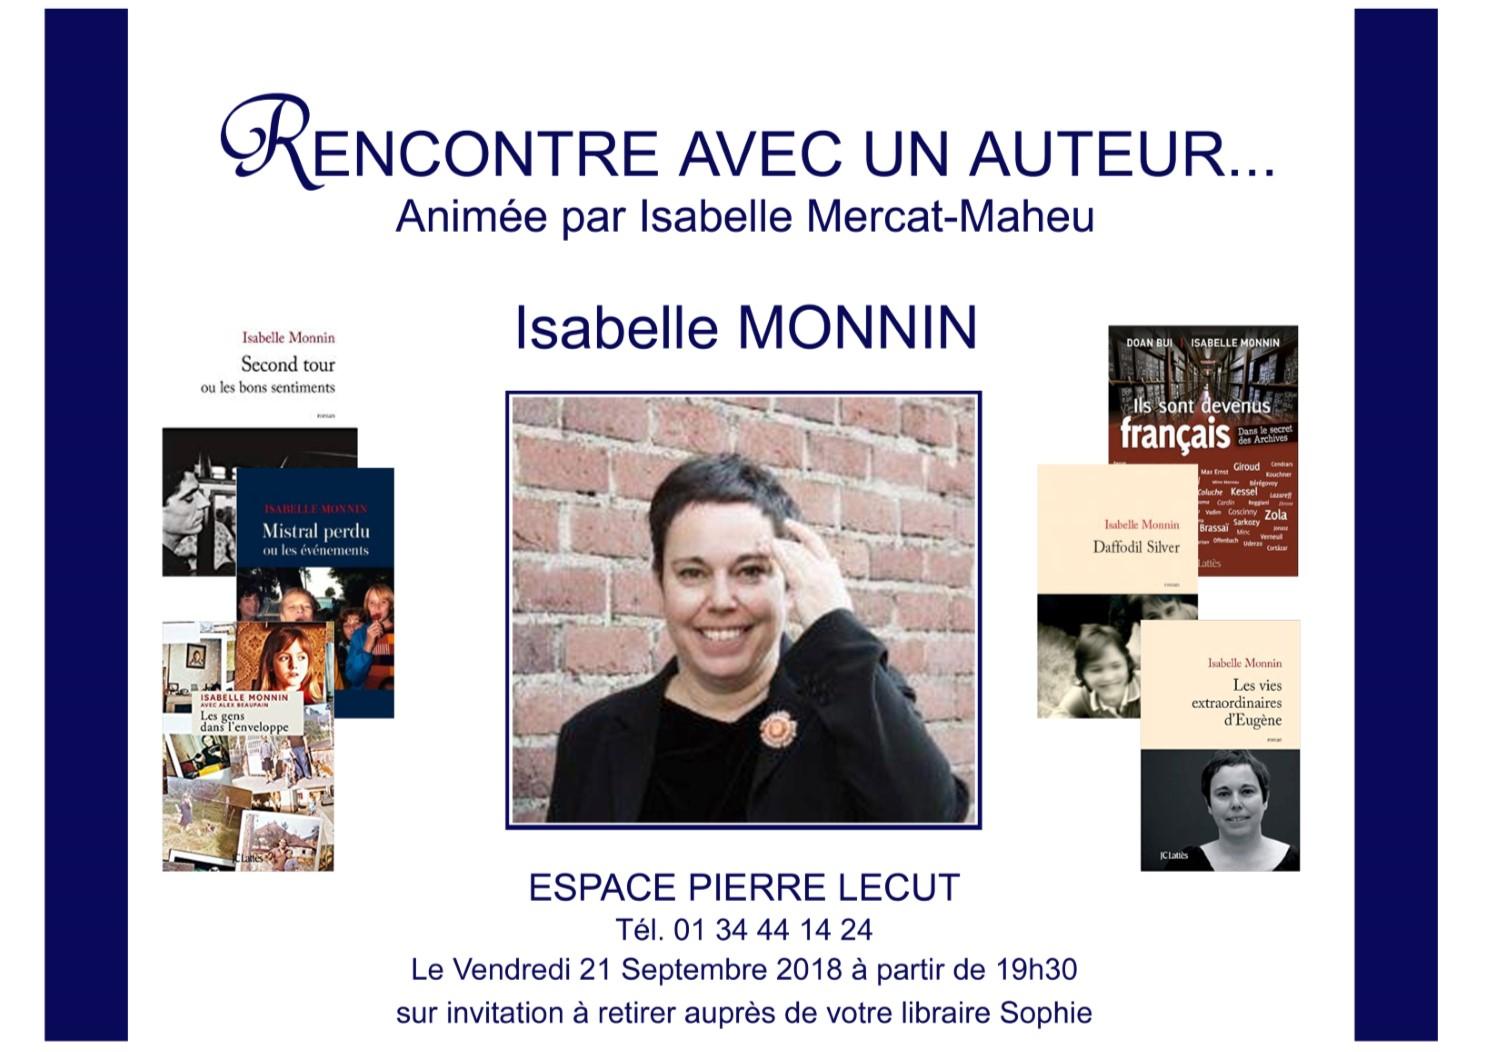 Rencontre avec Isabelle Monnin